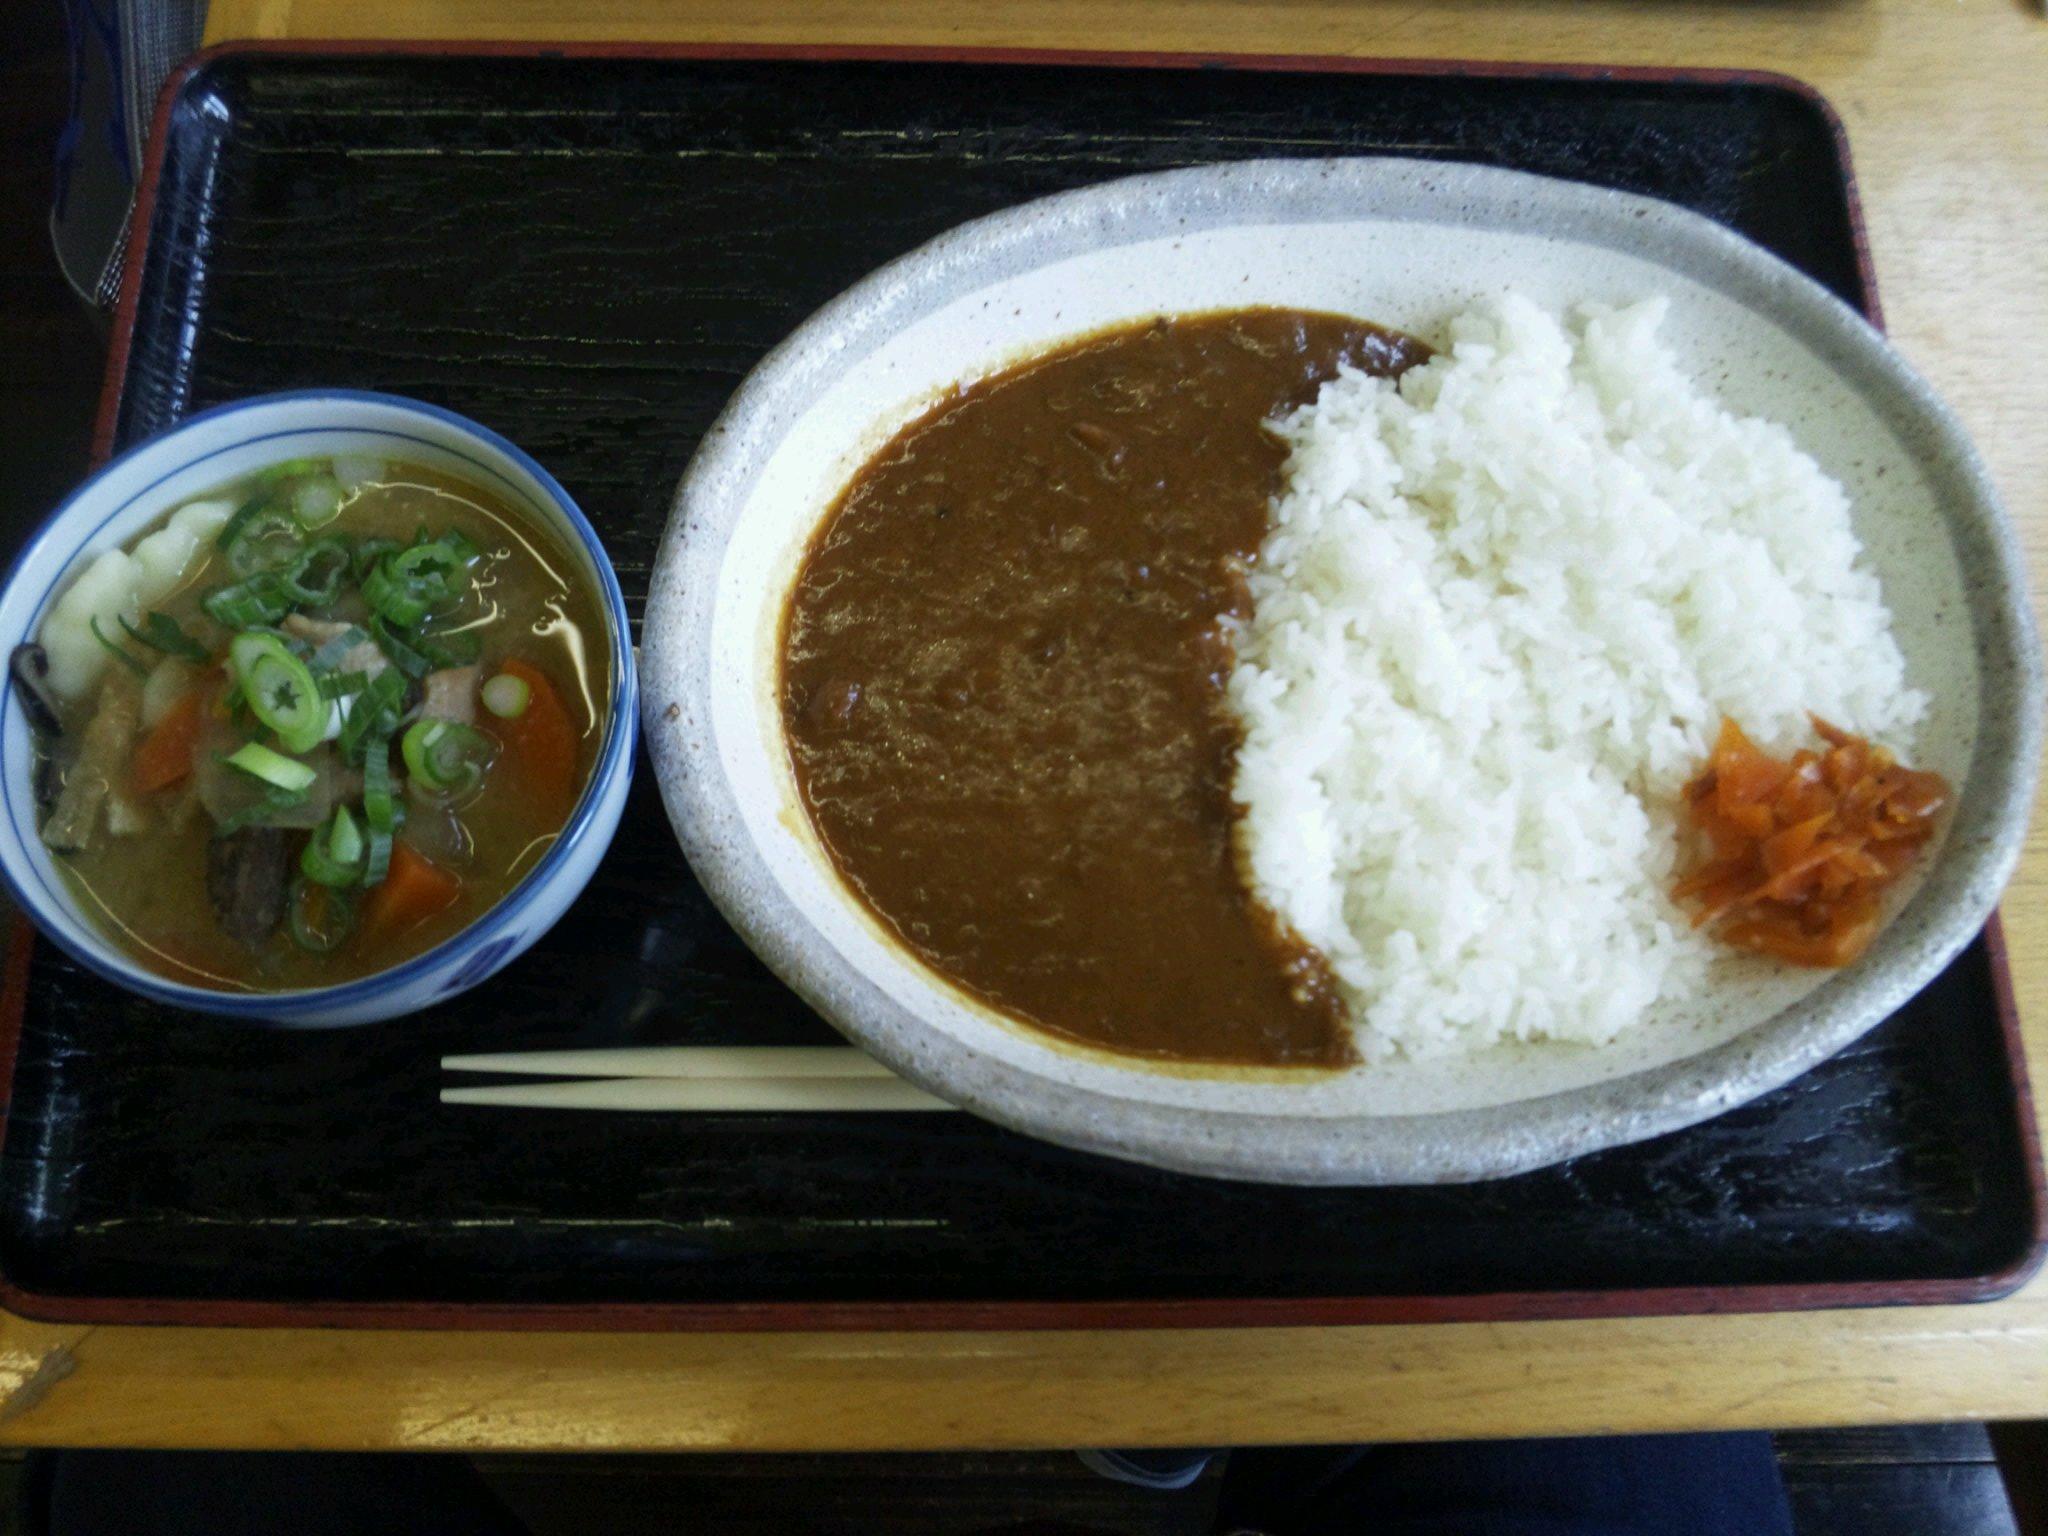 【佐俣の湯レストラン】美里町でランチ!佐俣の湯のお風呂上がりにいかが?